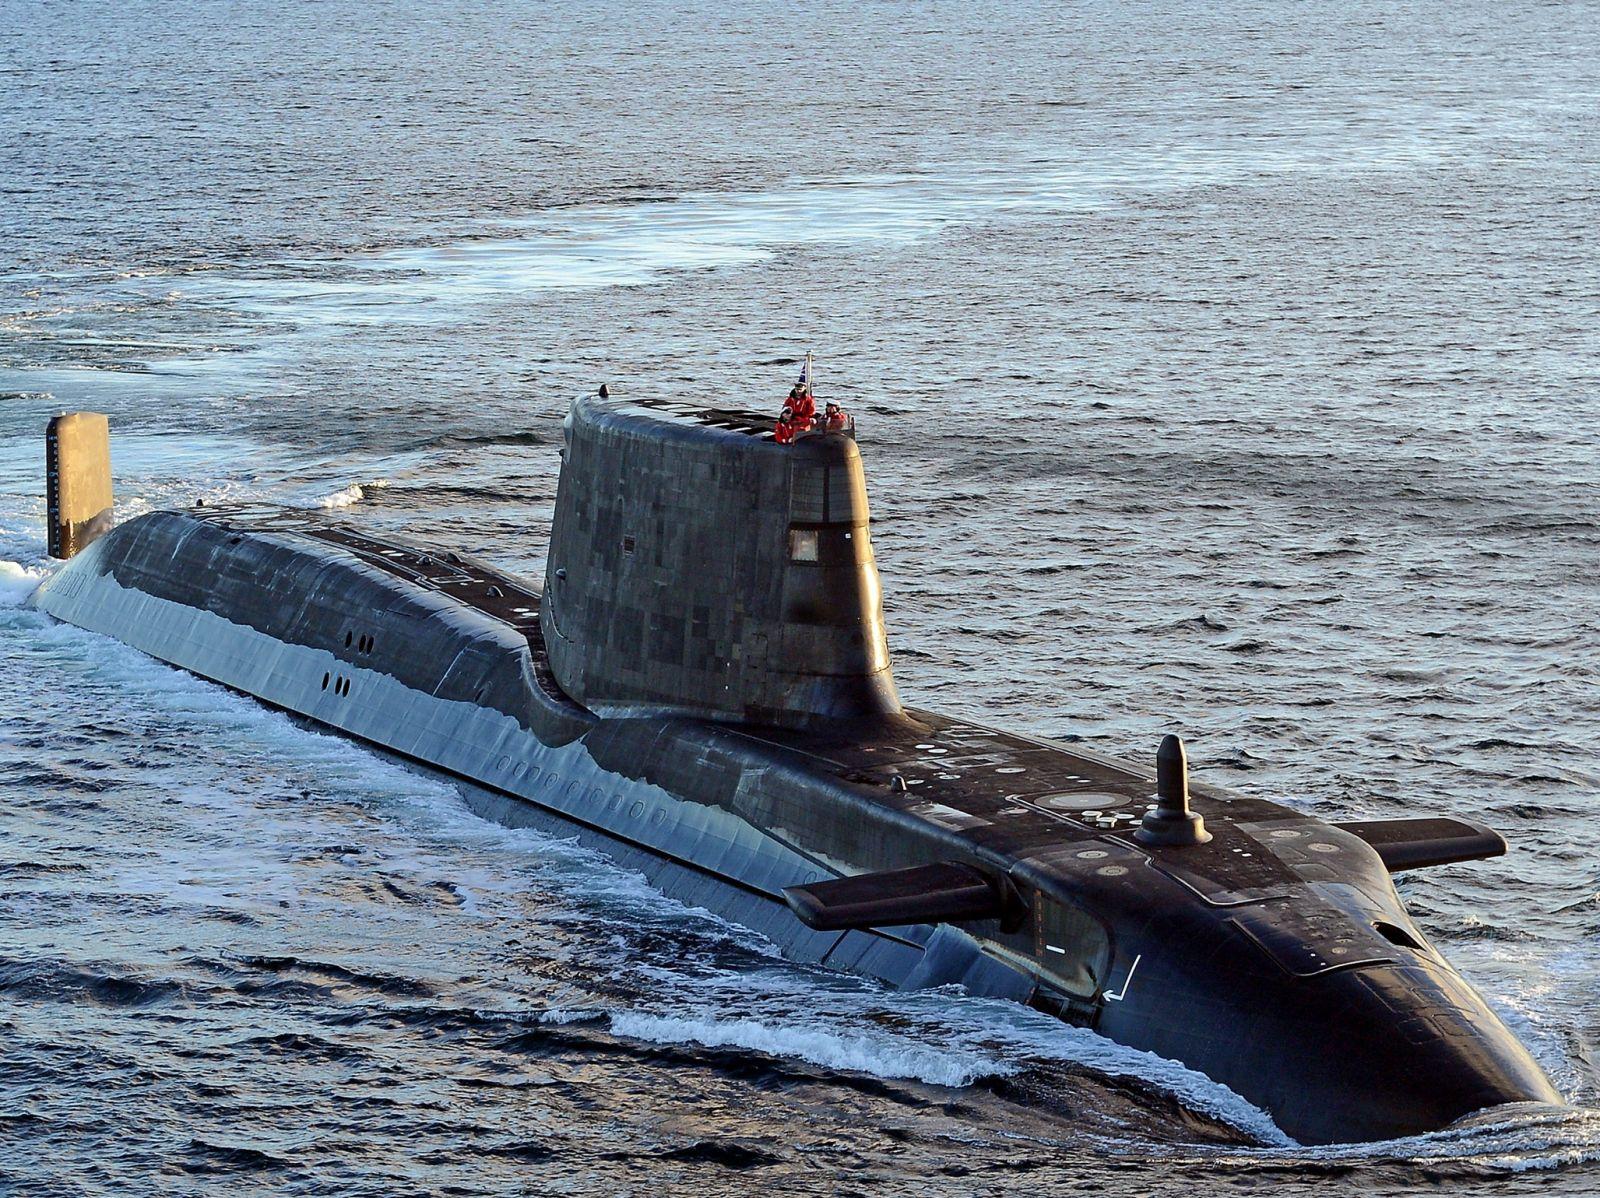 Австралия ще придобие атомни подводници вместо конвенционални. Изостава проект за който вече похарчи 2,4 млрд. долара (ГАЛЕРИЯ)